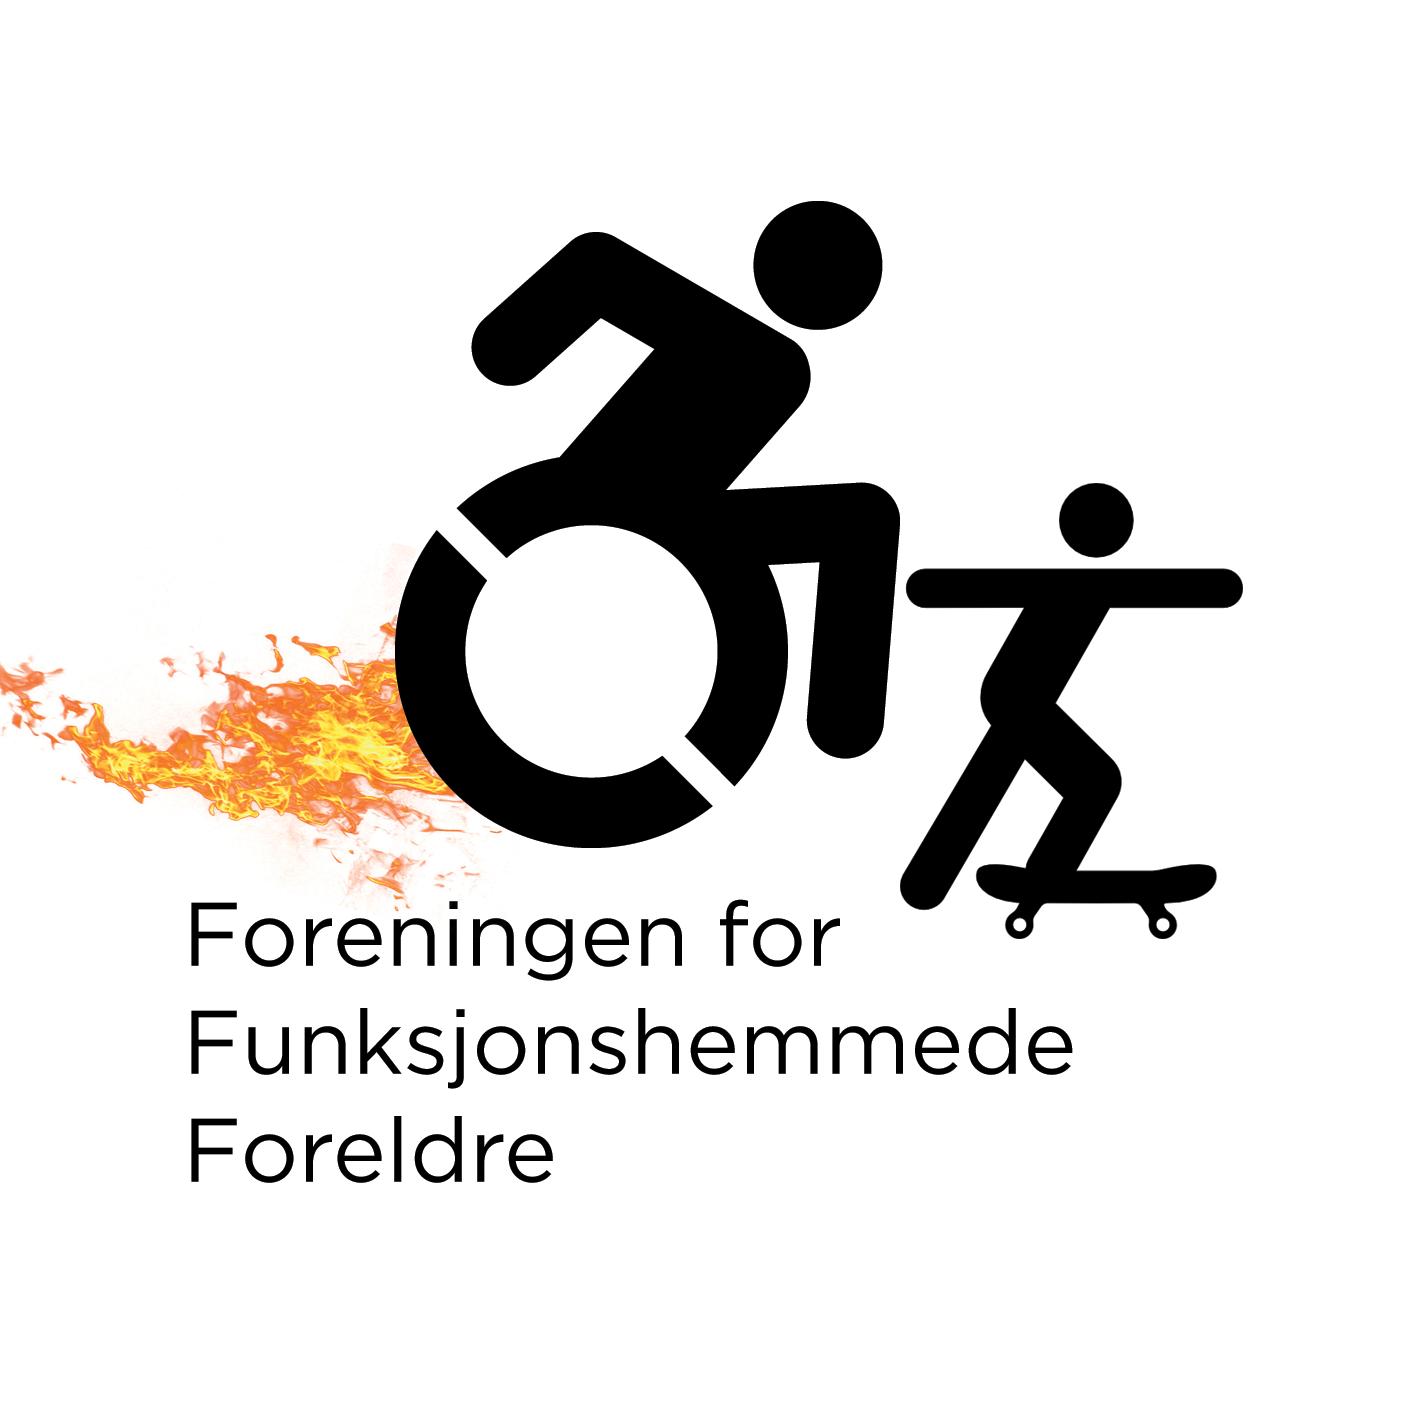 Logoen. Tekst: Foreningen for Funksjonshemmede Foreldre. En voksen i rullestol med flammer fra bakhjulet, et barn står på rullebrett foran. Illustrasjon.